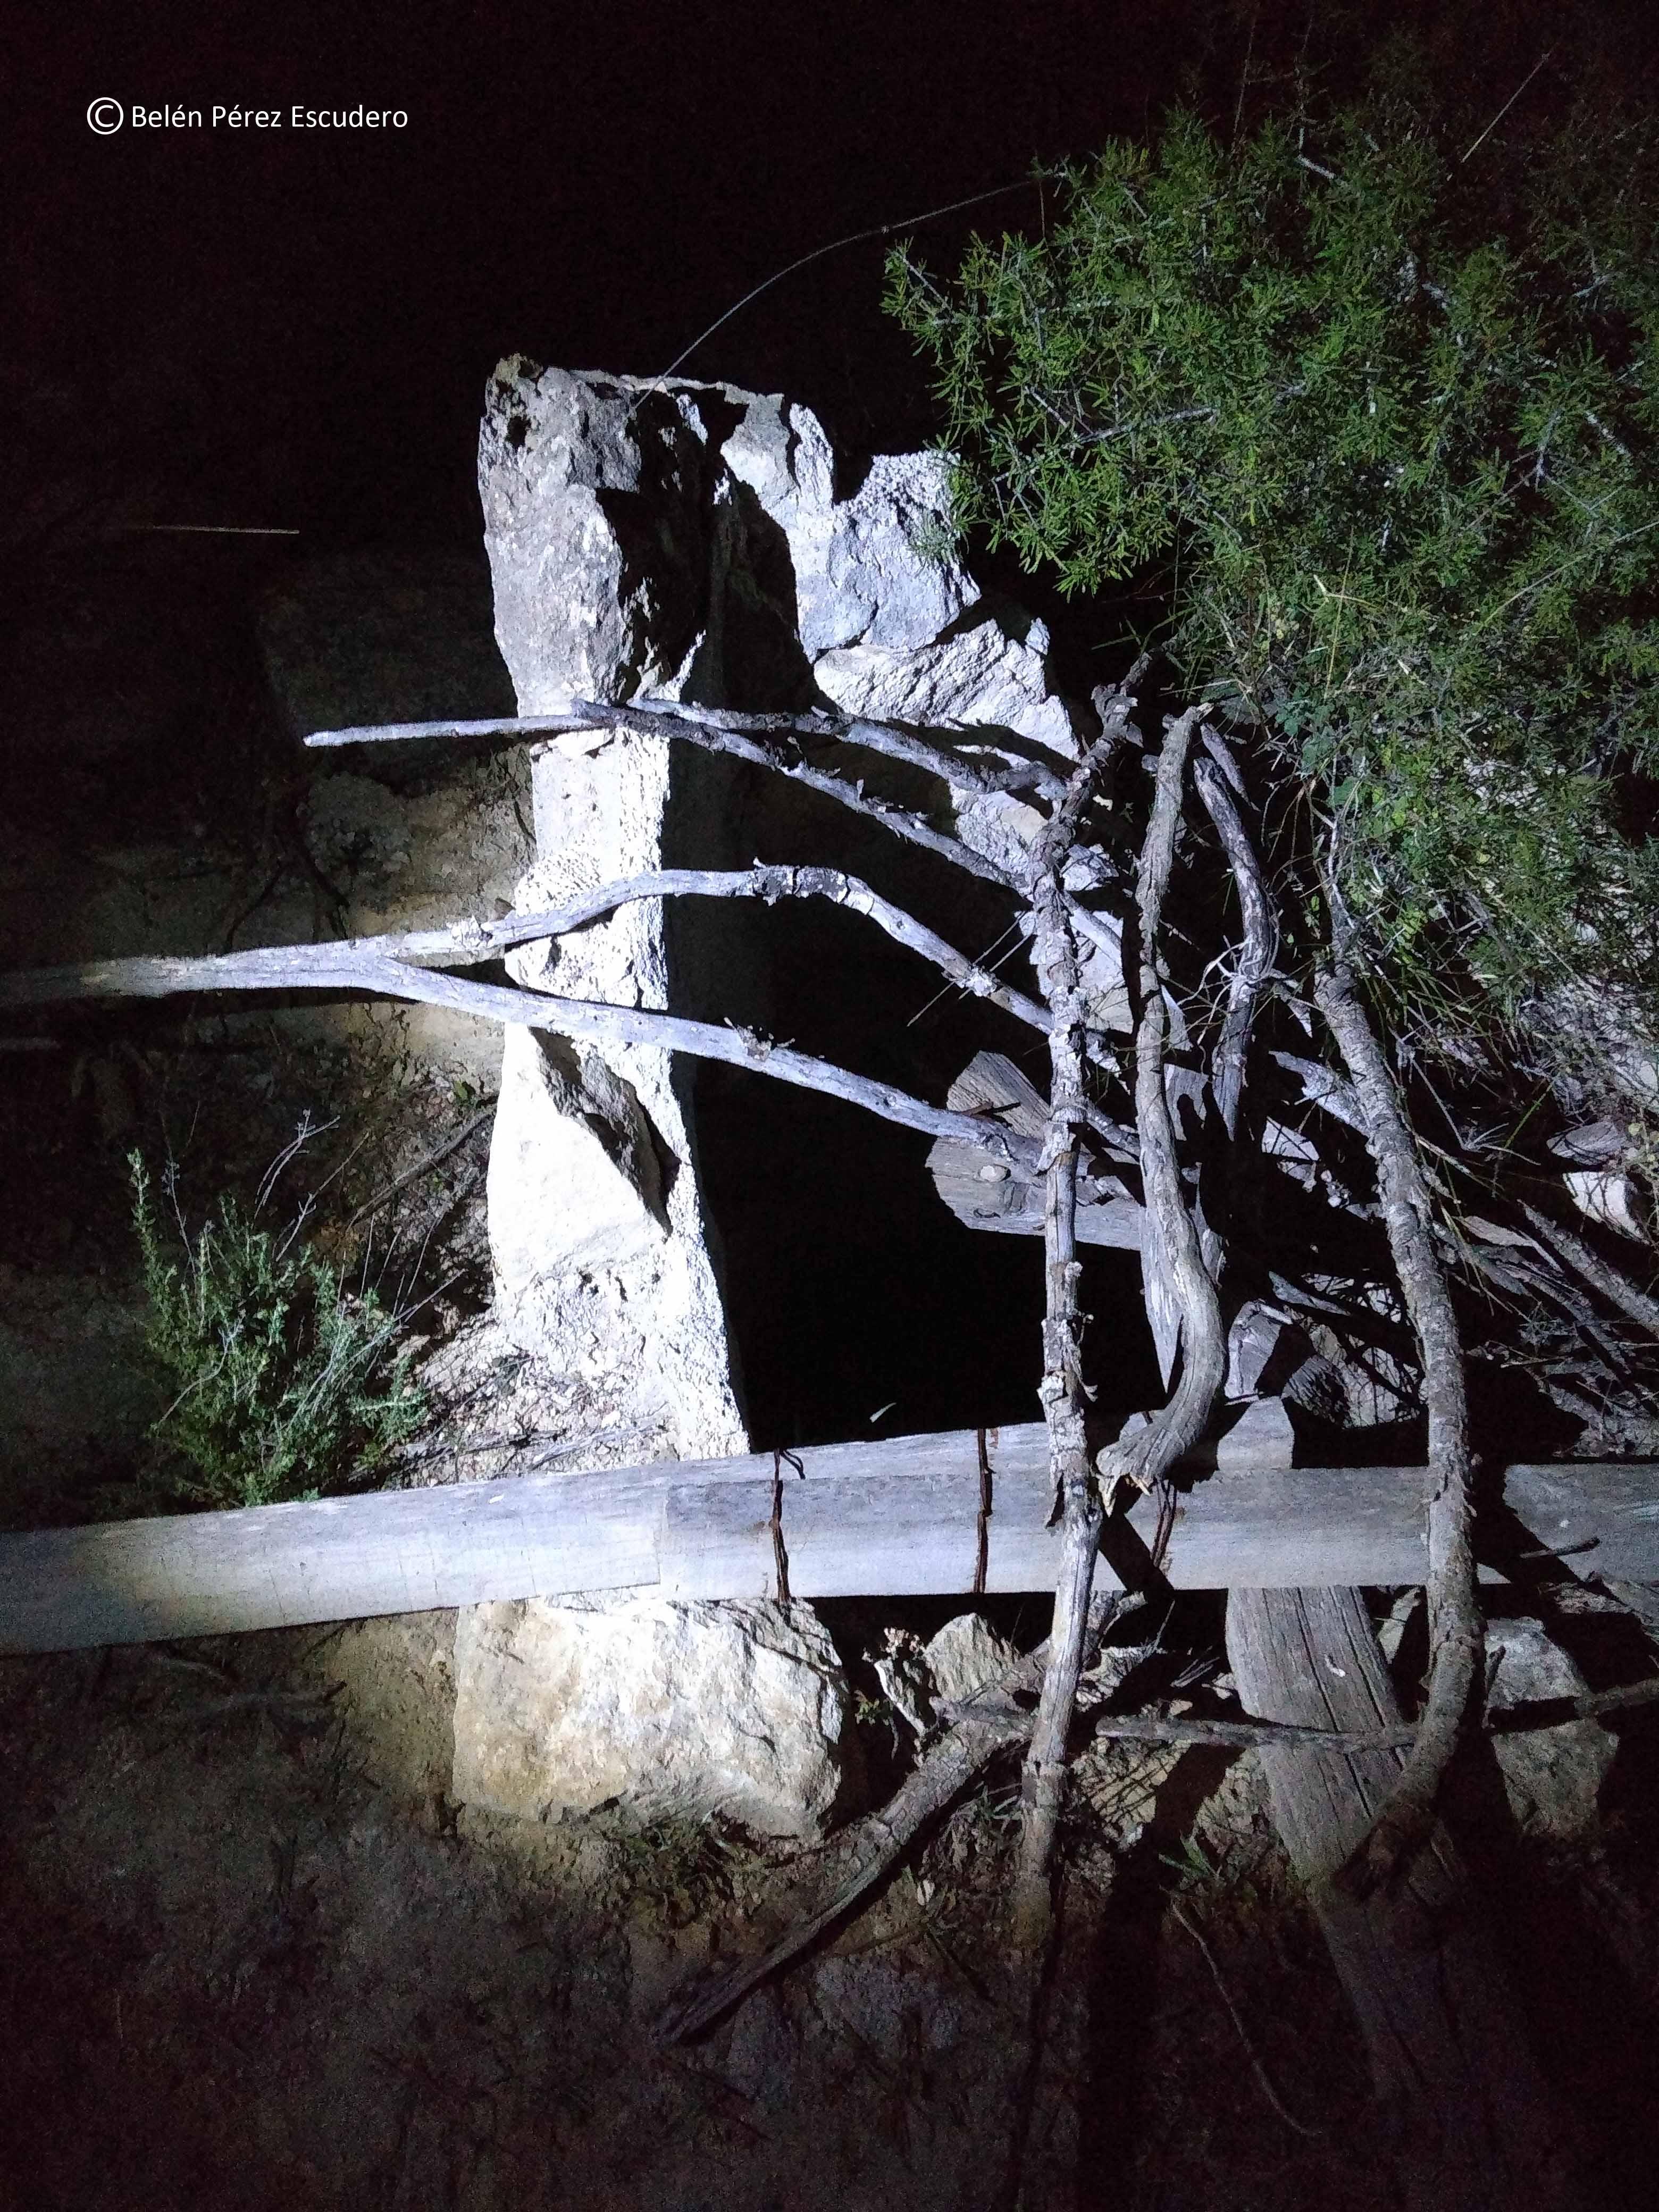 Una vez avisada la Administración, sólo queda que el pozo sea sellado. Imagen: Belén Pérez Escudero